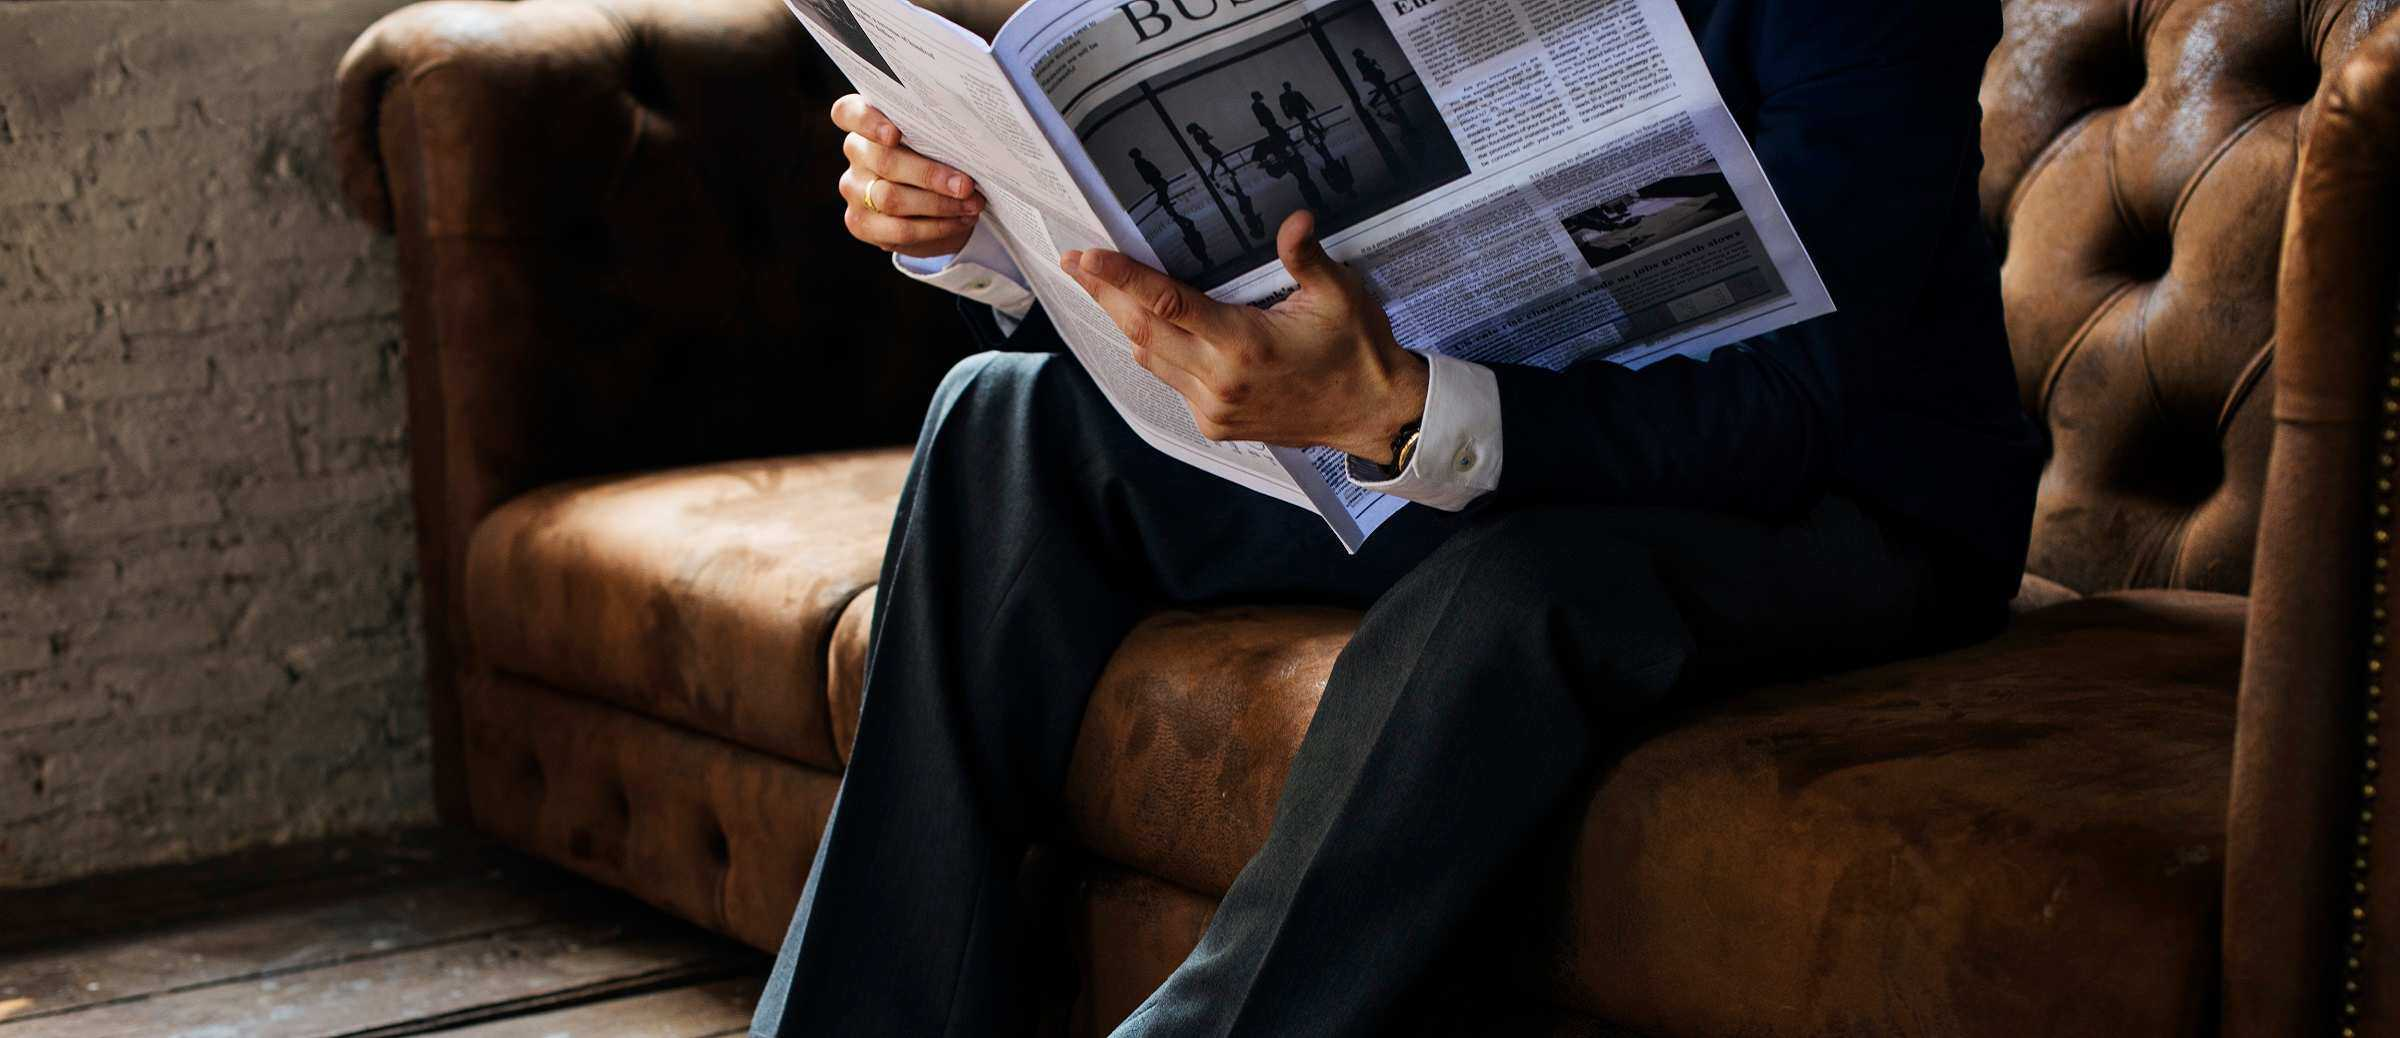 Radar Financeiro #2: confira as principais notícias comentadas da semana sobre mercado financeiro